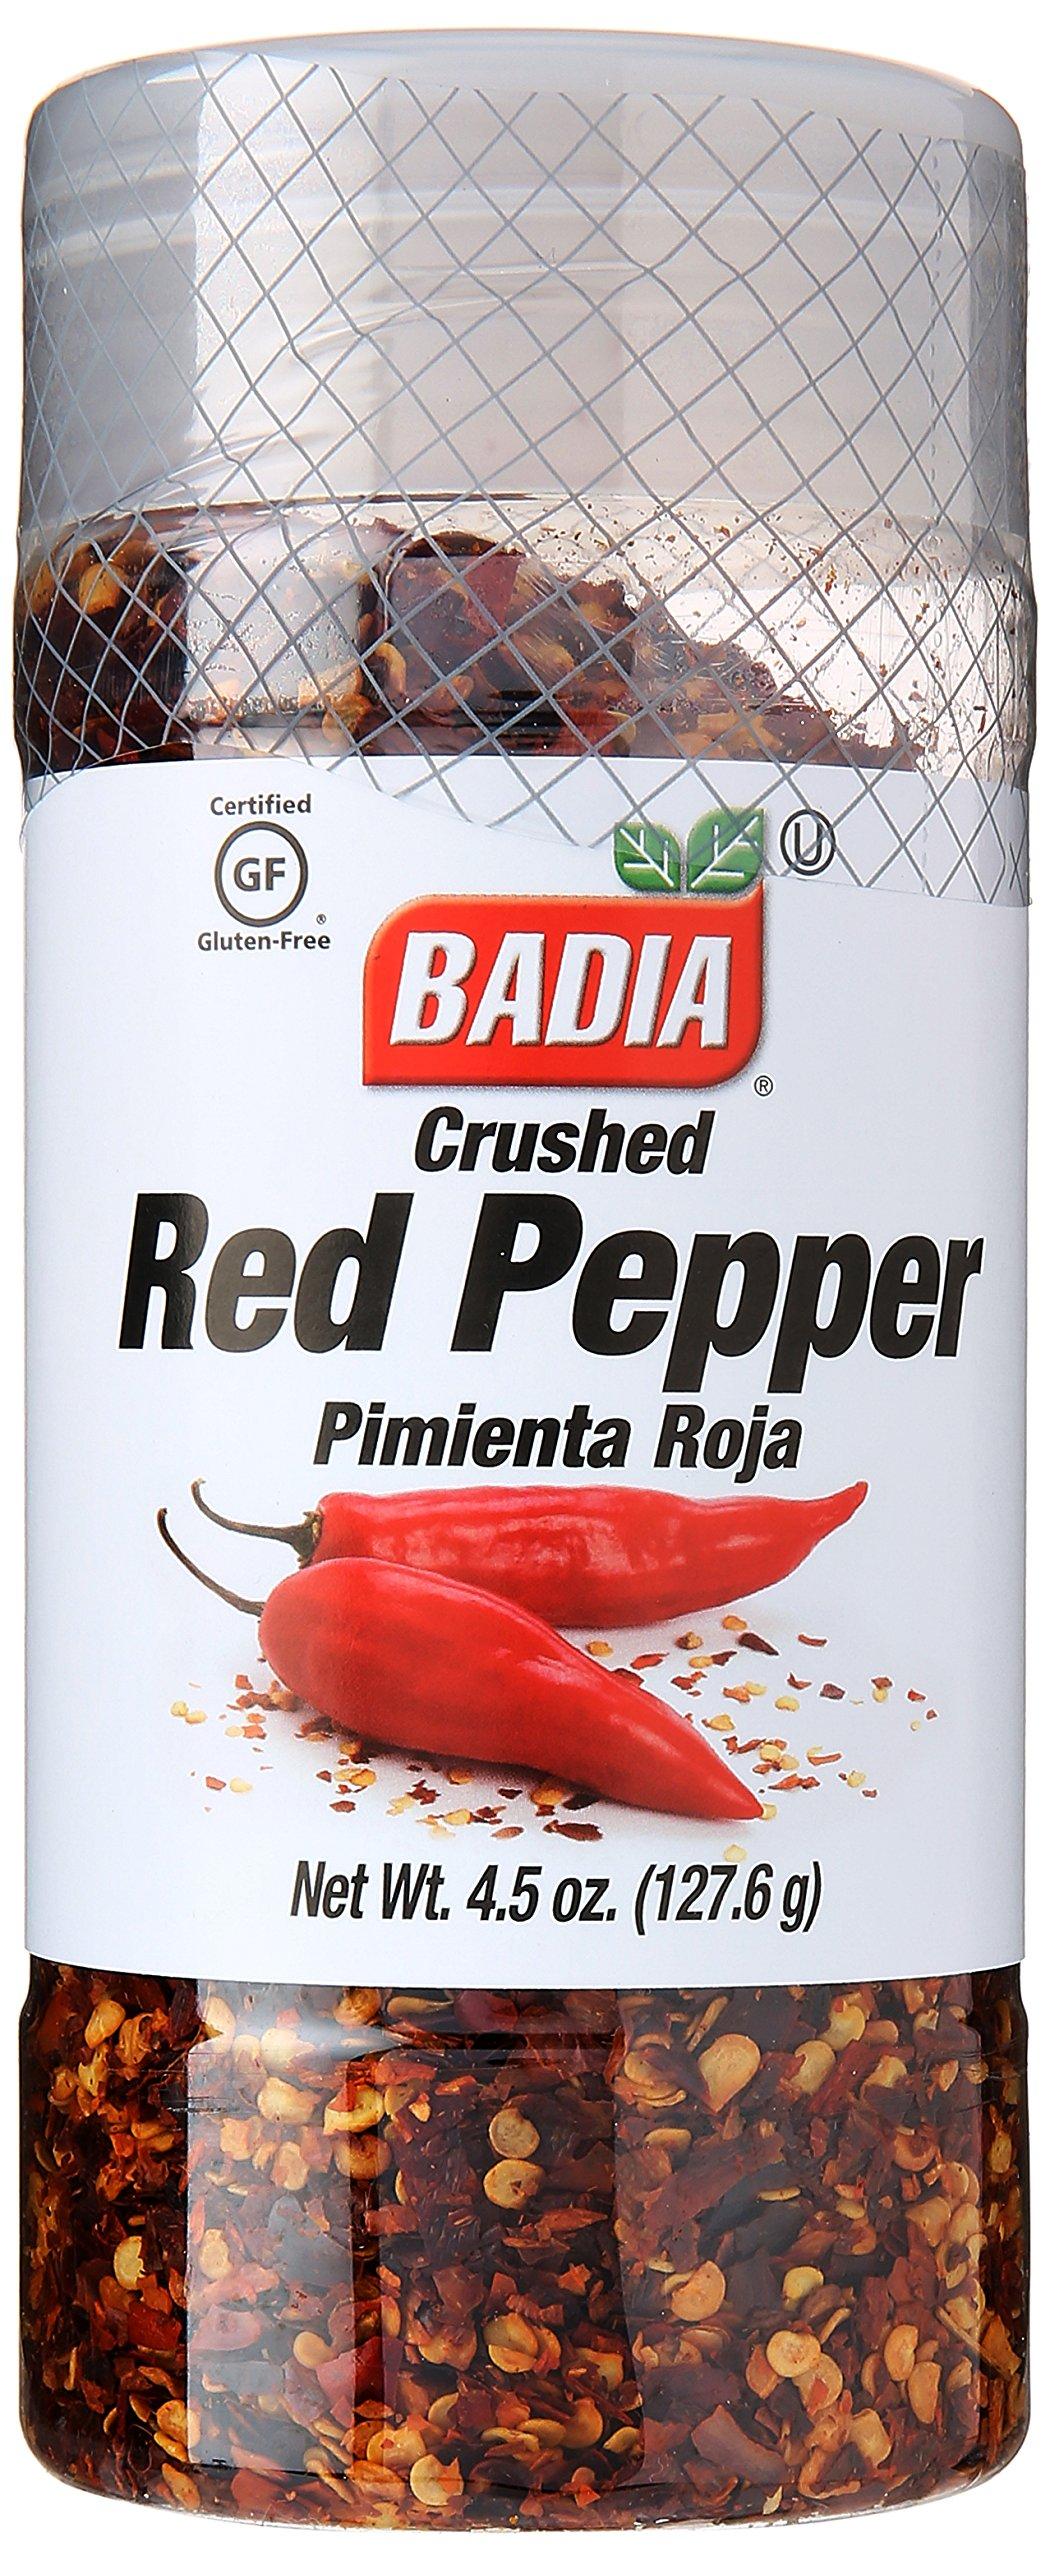 Badia Crushed Red Pepper, 4.5 oz